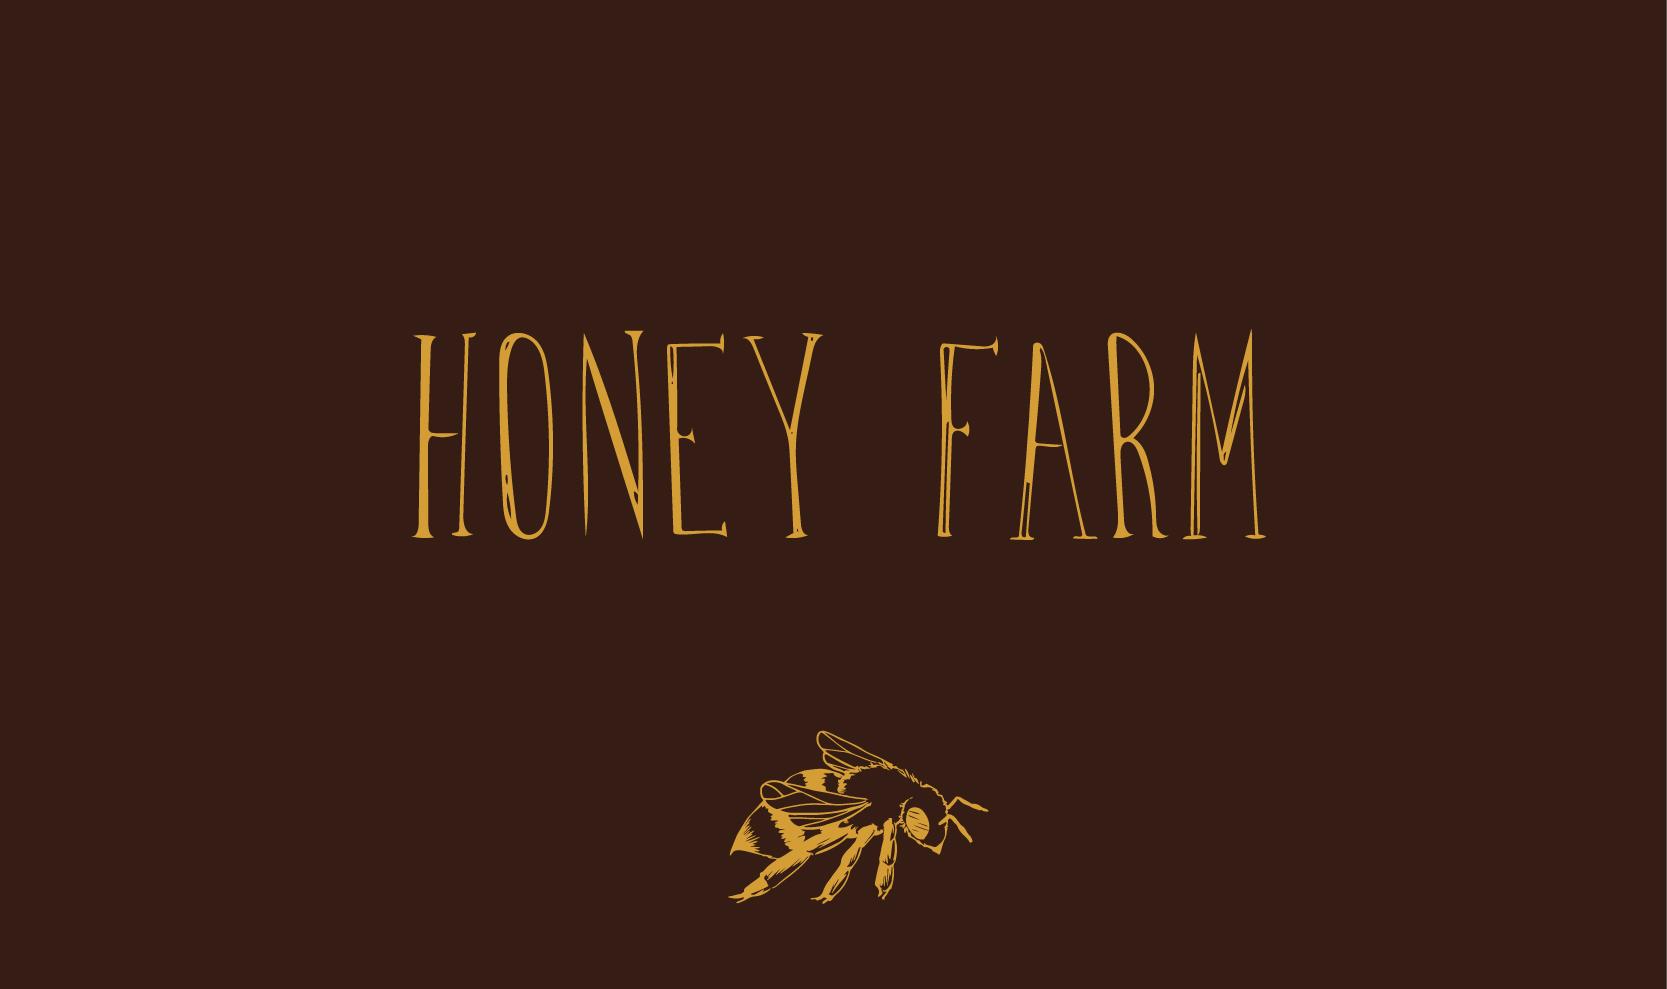 honeyfarm presentation-01.jpg